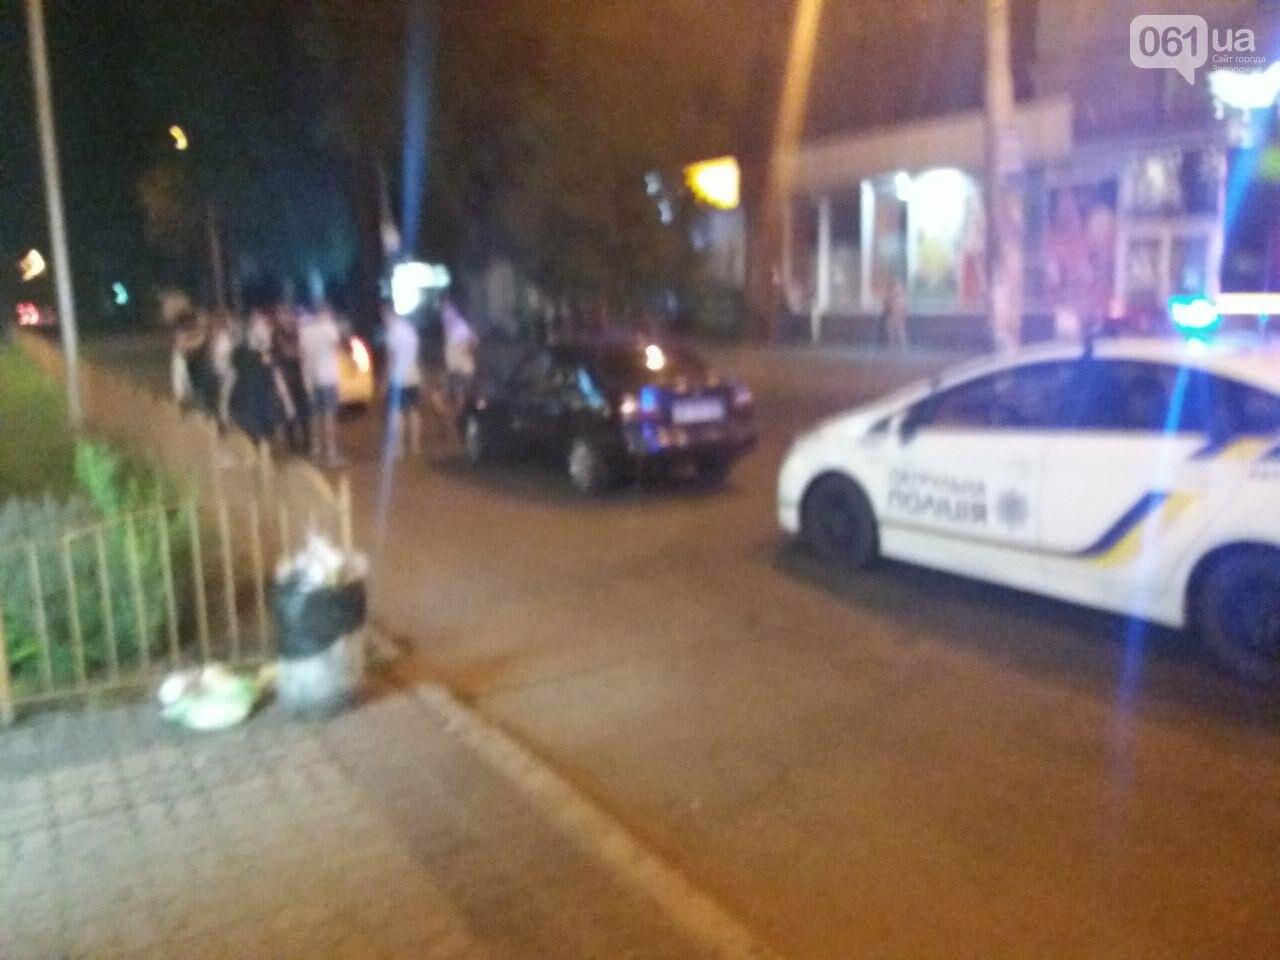 В центре Запорожья машина сбила 10-летнего мальчика - он в больнице, - ФОТО, фото-1